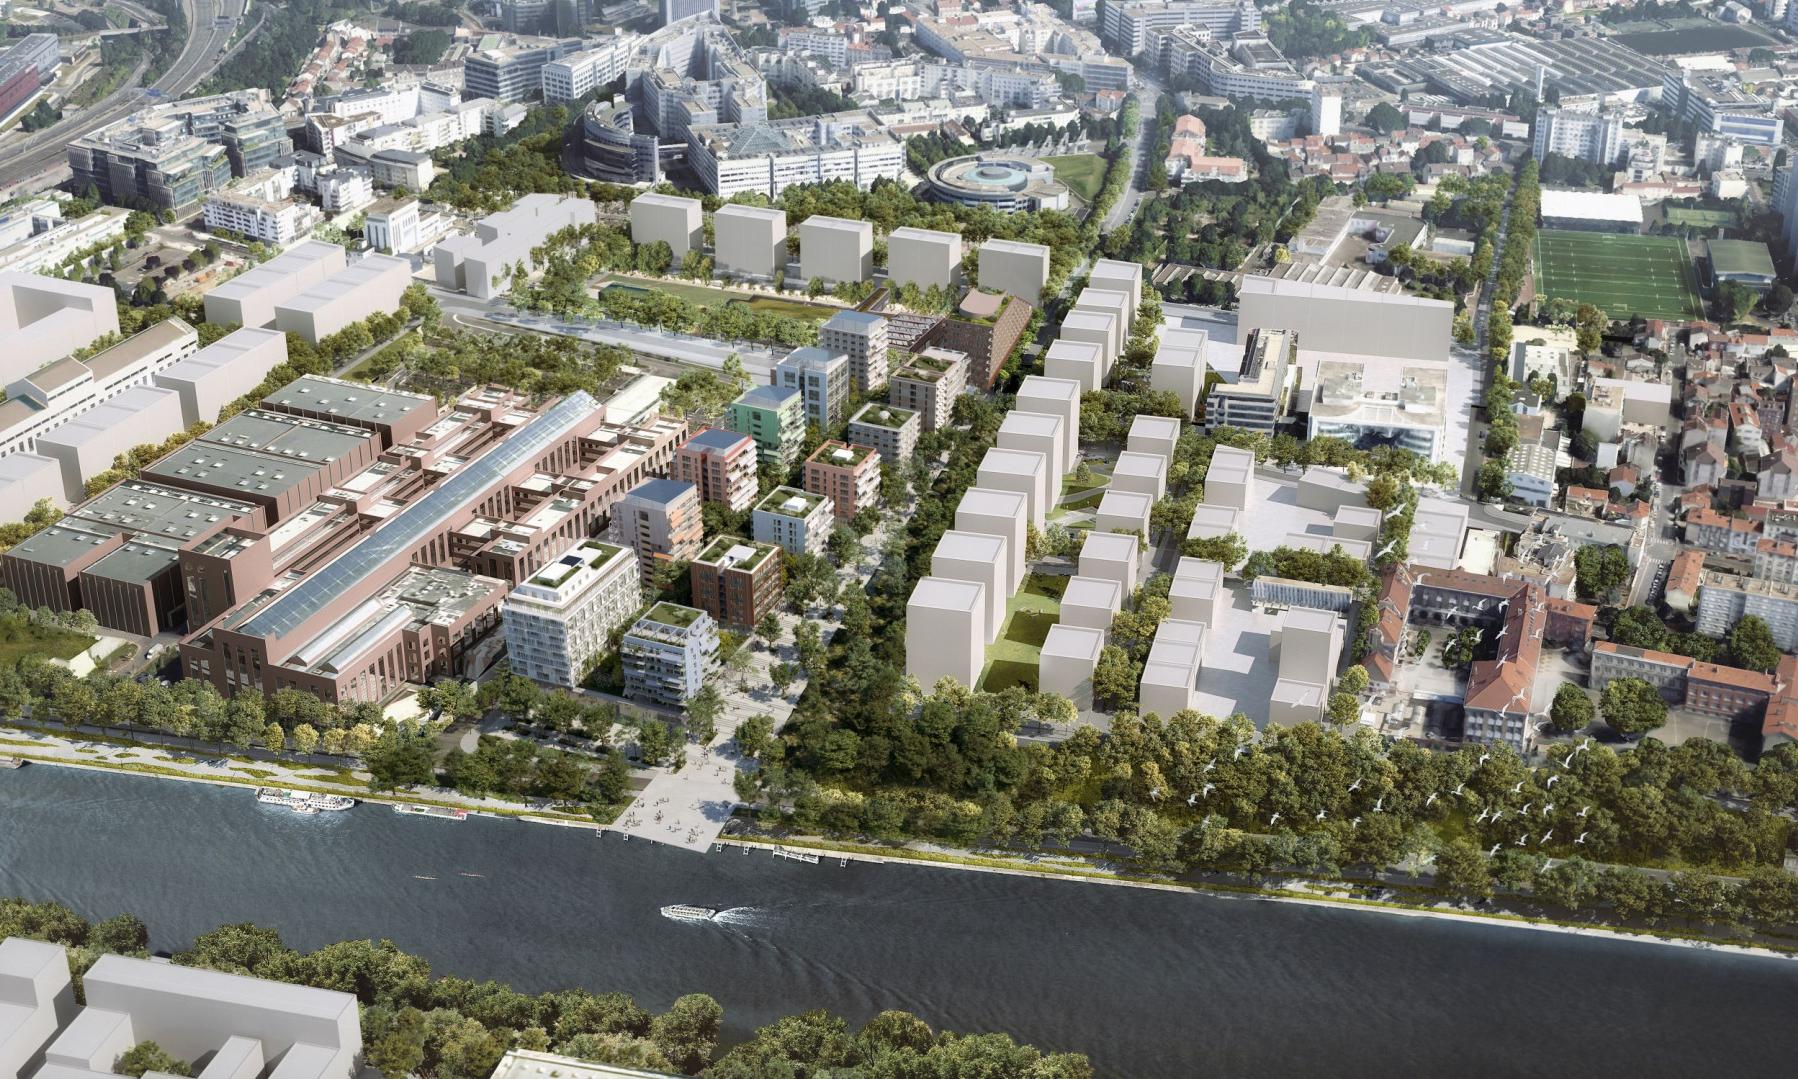 Les Quinconces : Synergies Urbaines, UAPS et la Solideo imaginent le quartier de ville européenne du 21e siècle